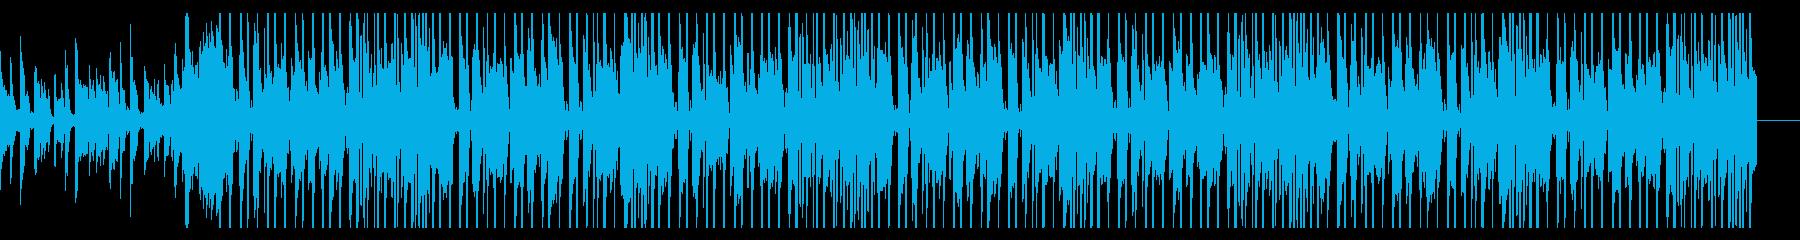 クールな洋楽風ポップスの再生済みの波形